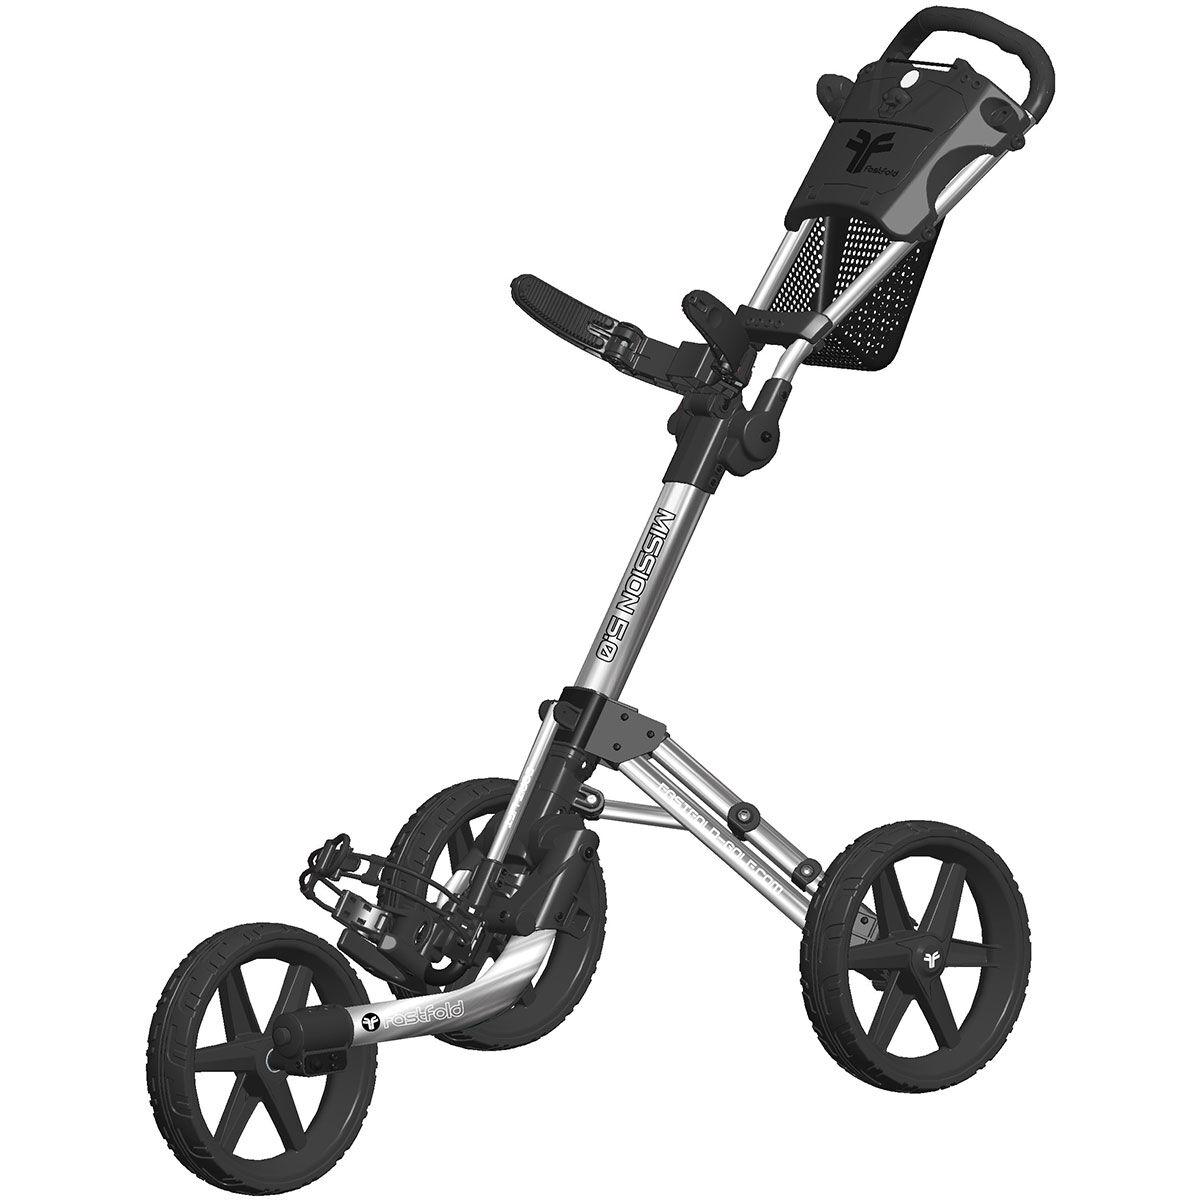 Fast Fold Fastfold Mission 5.0 3 Wheel Push Golf Trolley, Silver/black | American Golf